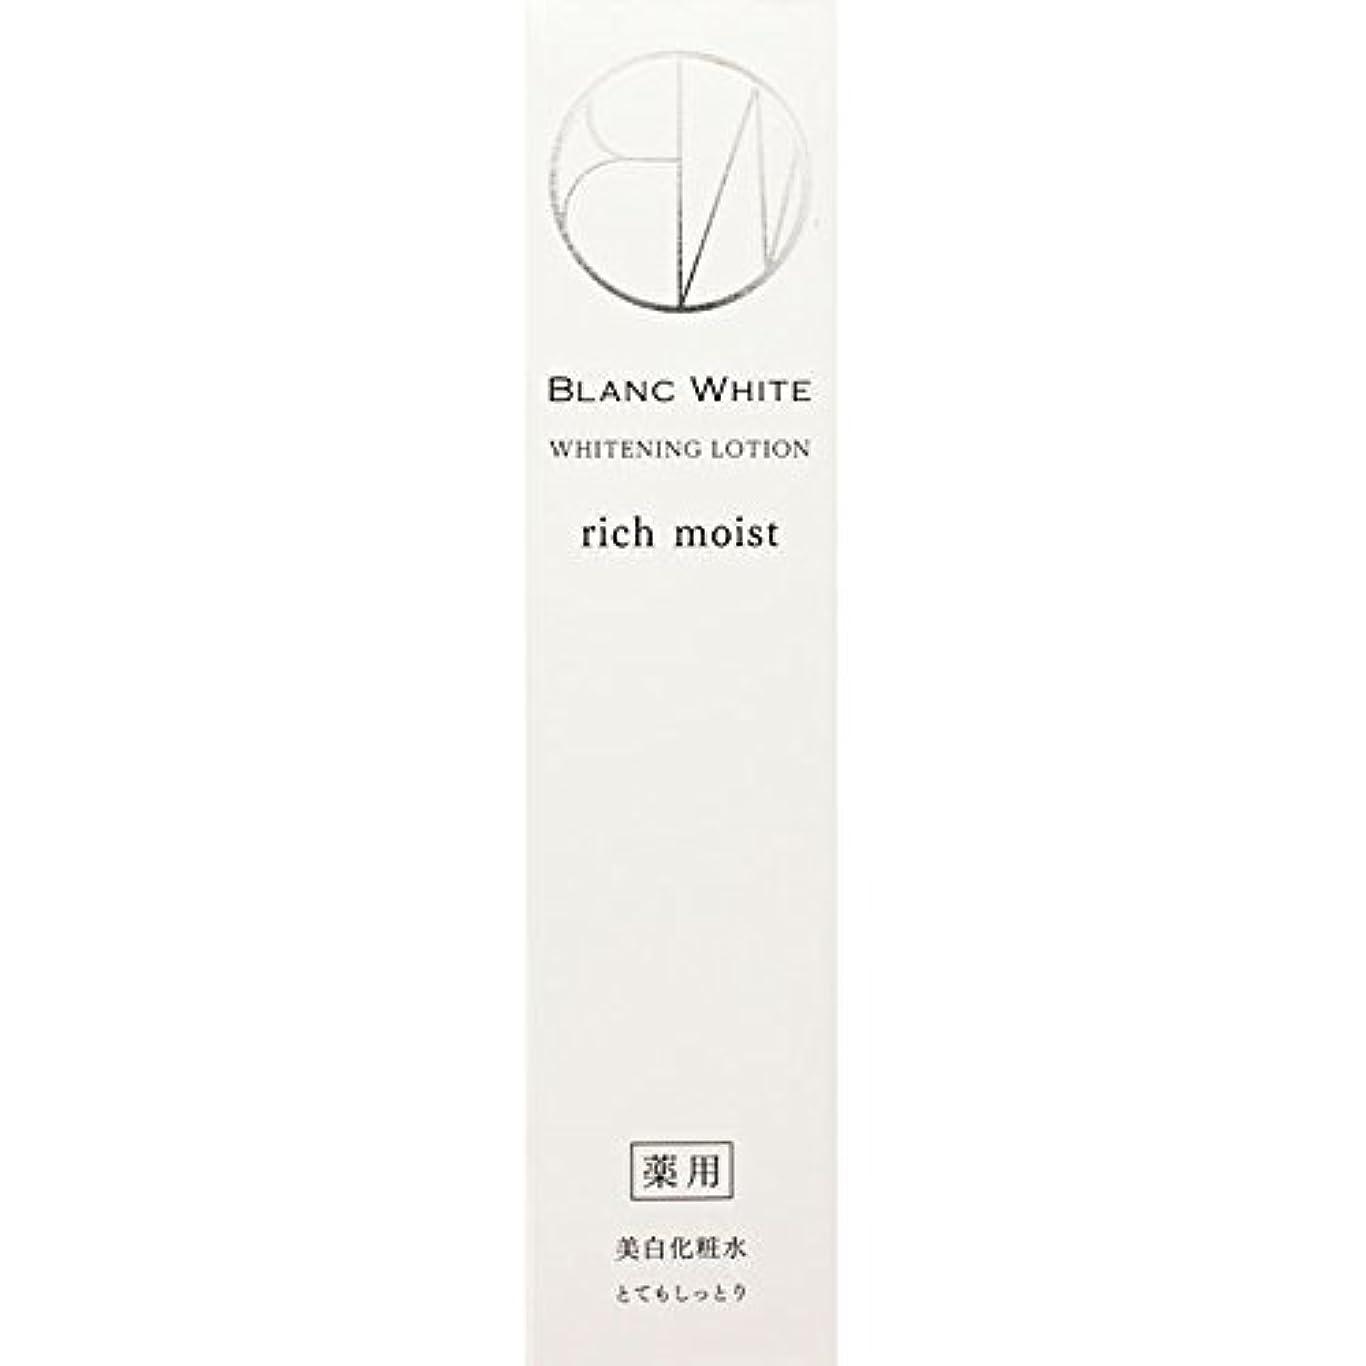 不潔昆虫アームストロングナリス化粧品 ブランホワイト ホワイトニングローション リッチモイスト 160ml (医薬部外品)